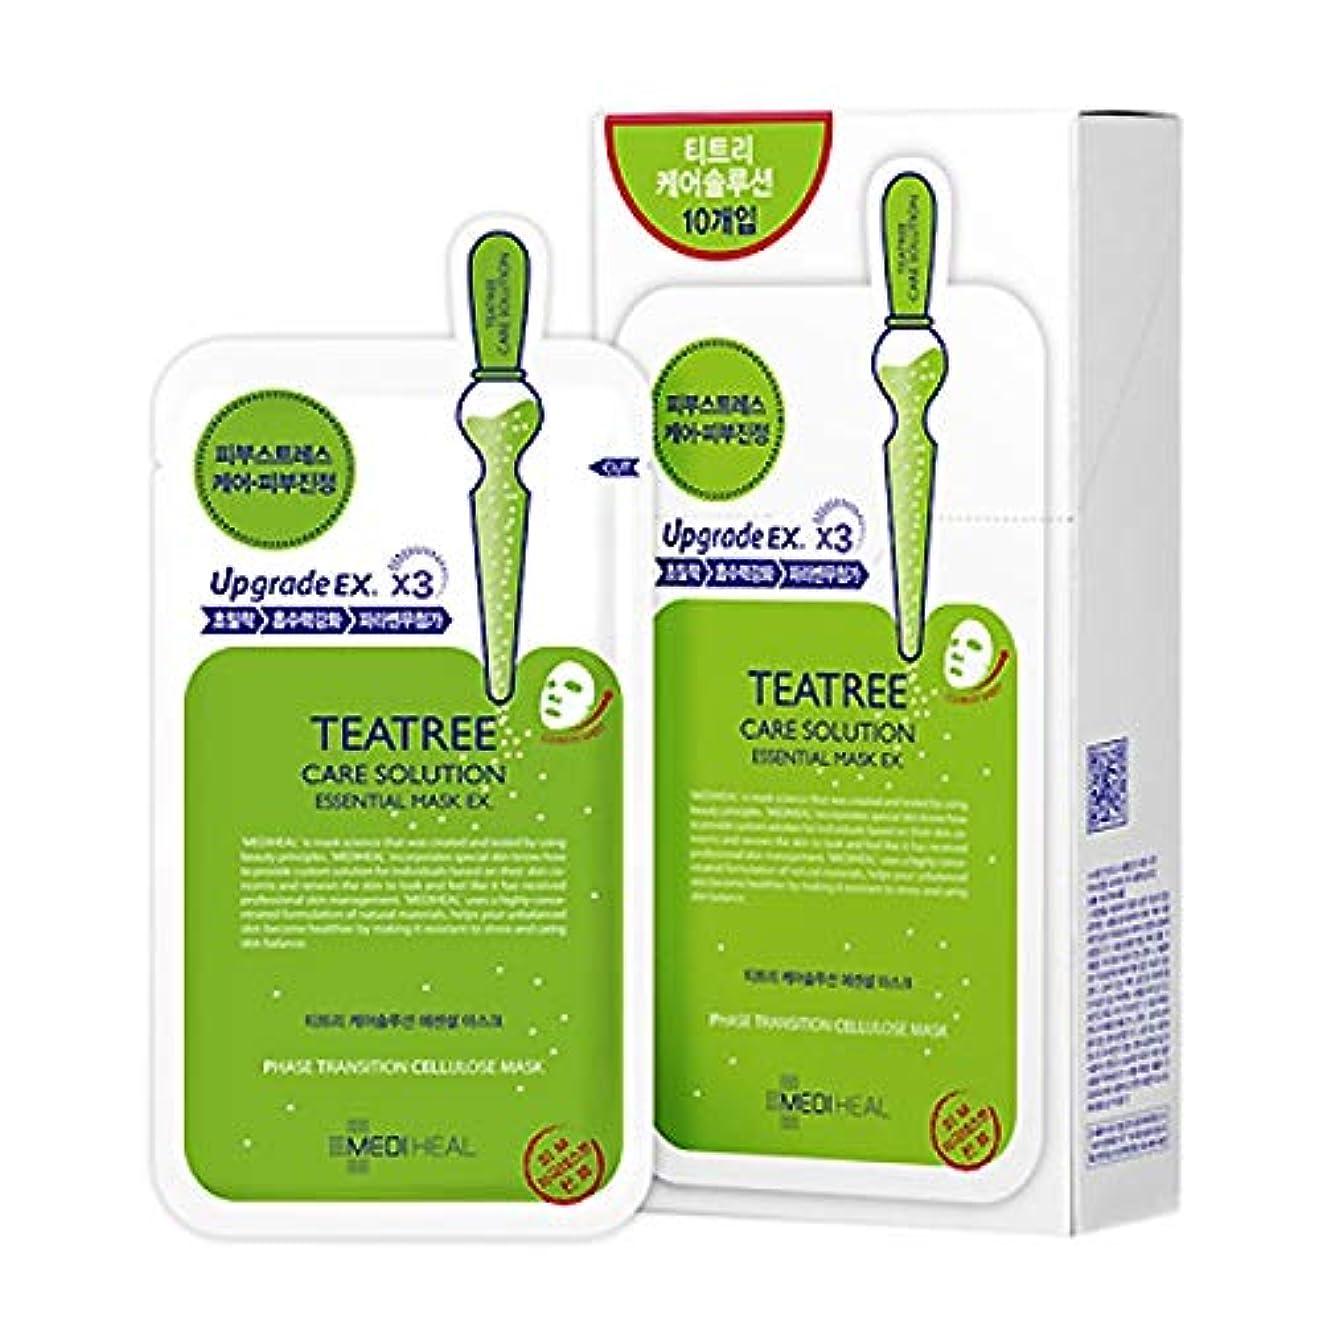 ジャンピングジャック目を覚ます交流するKorea Mediheal Teatree Healing Essential Mask Pack 1box 10sheet